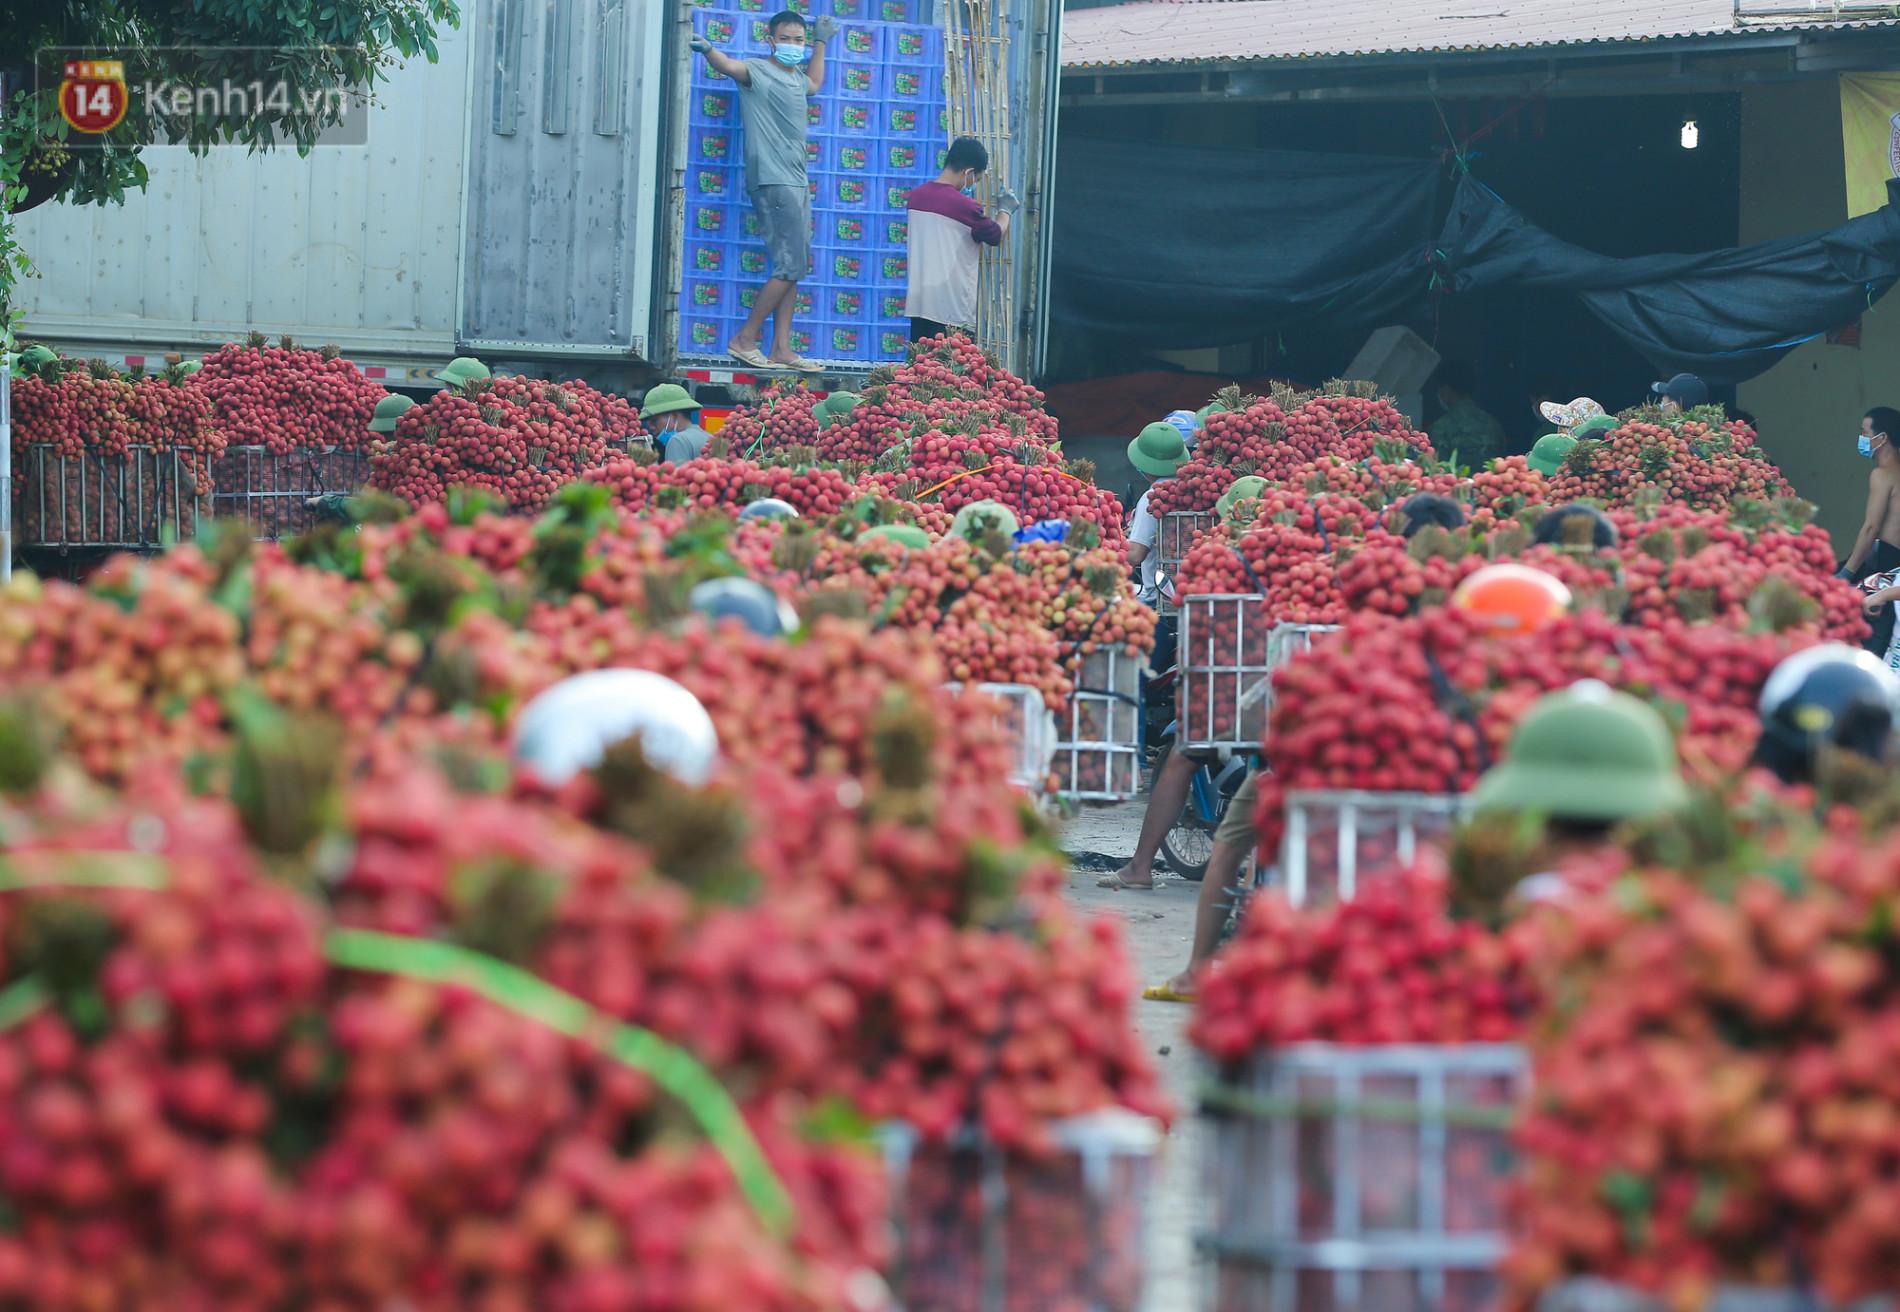 Ảnh: Nông dân Bắc Giang nối đuôi nhau chở vải thiều ra chợ, đường quê đỏ rực một màu - Ảnh 9.